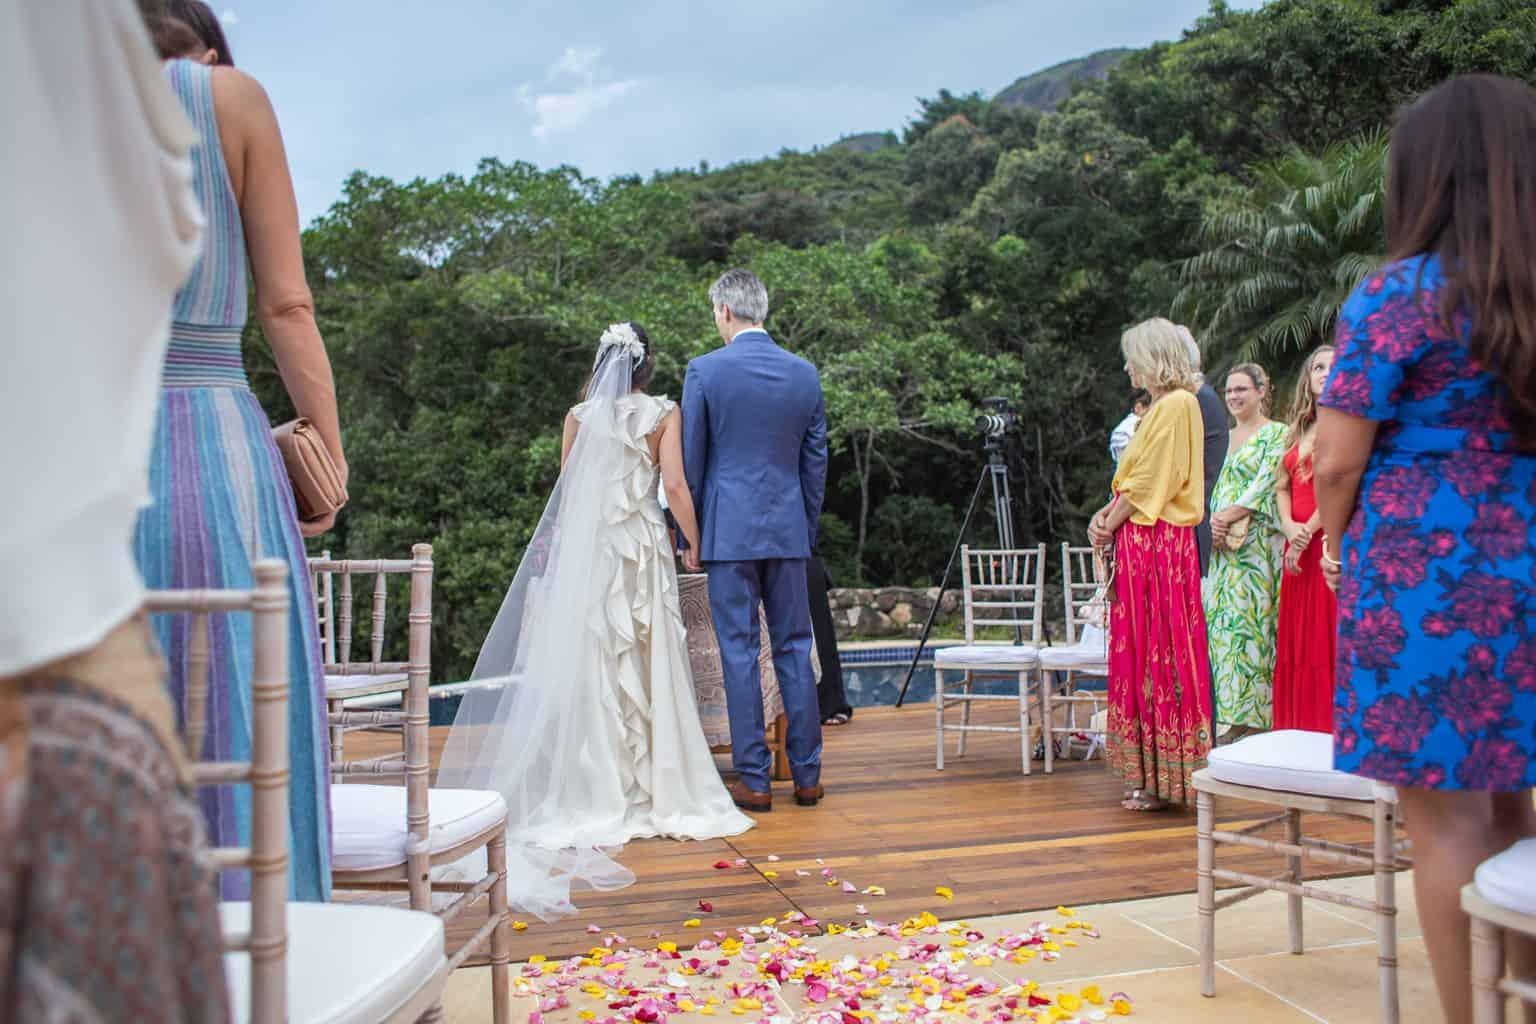 casamento-na-serra-cerimonia-ao-ar-livre-Fotografia-Laura-Campanella-graviola-filmes-Juliana-e-Sebastian-noivos-no-altar-Pousada-La-Belle-Bruna121